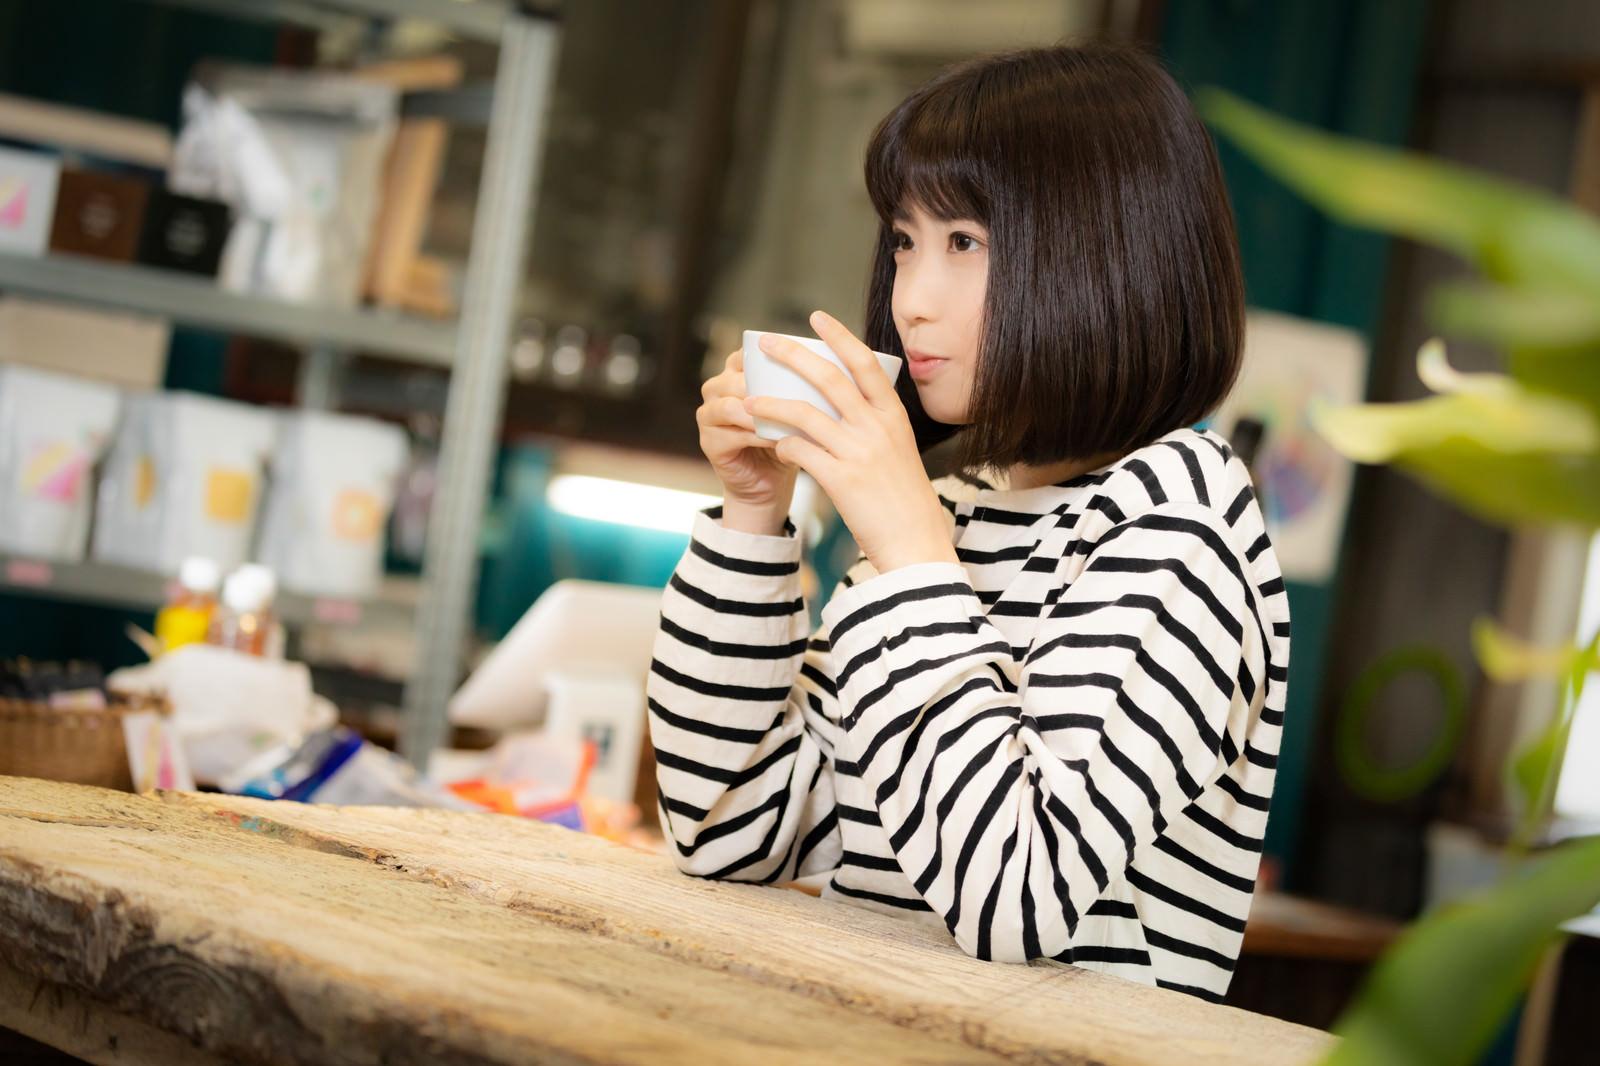 「挽きたてのコーヒーを飲む女性 | 写真の無料素材・フリー素材 - ぱくたそ」の写真[モデル:塩田みう]